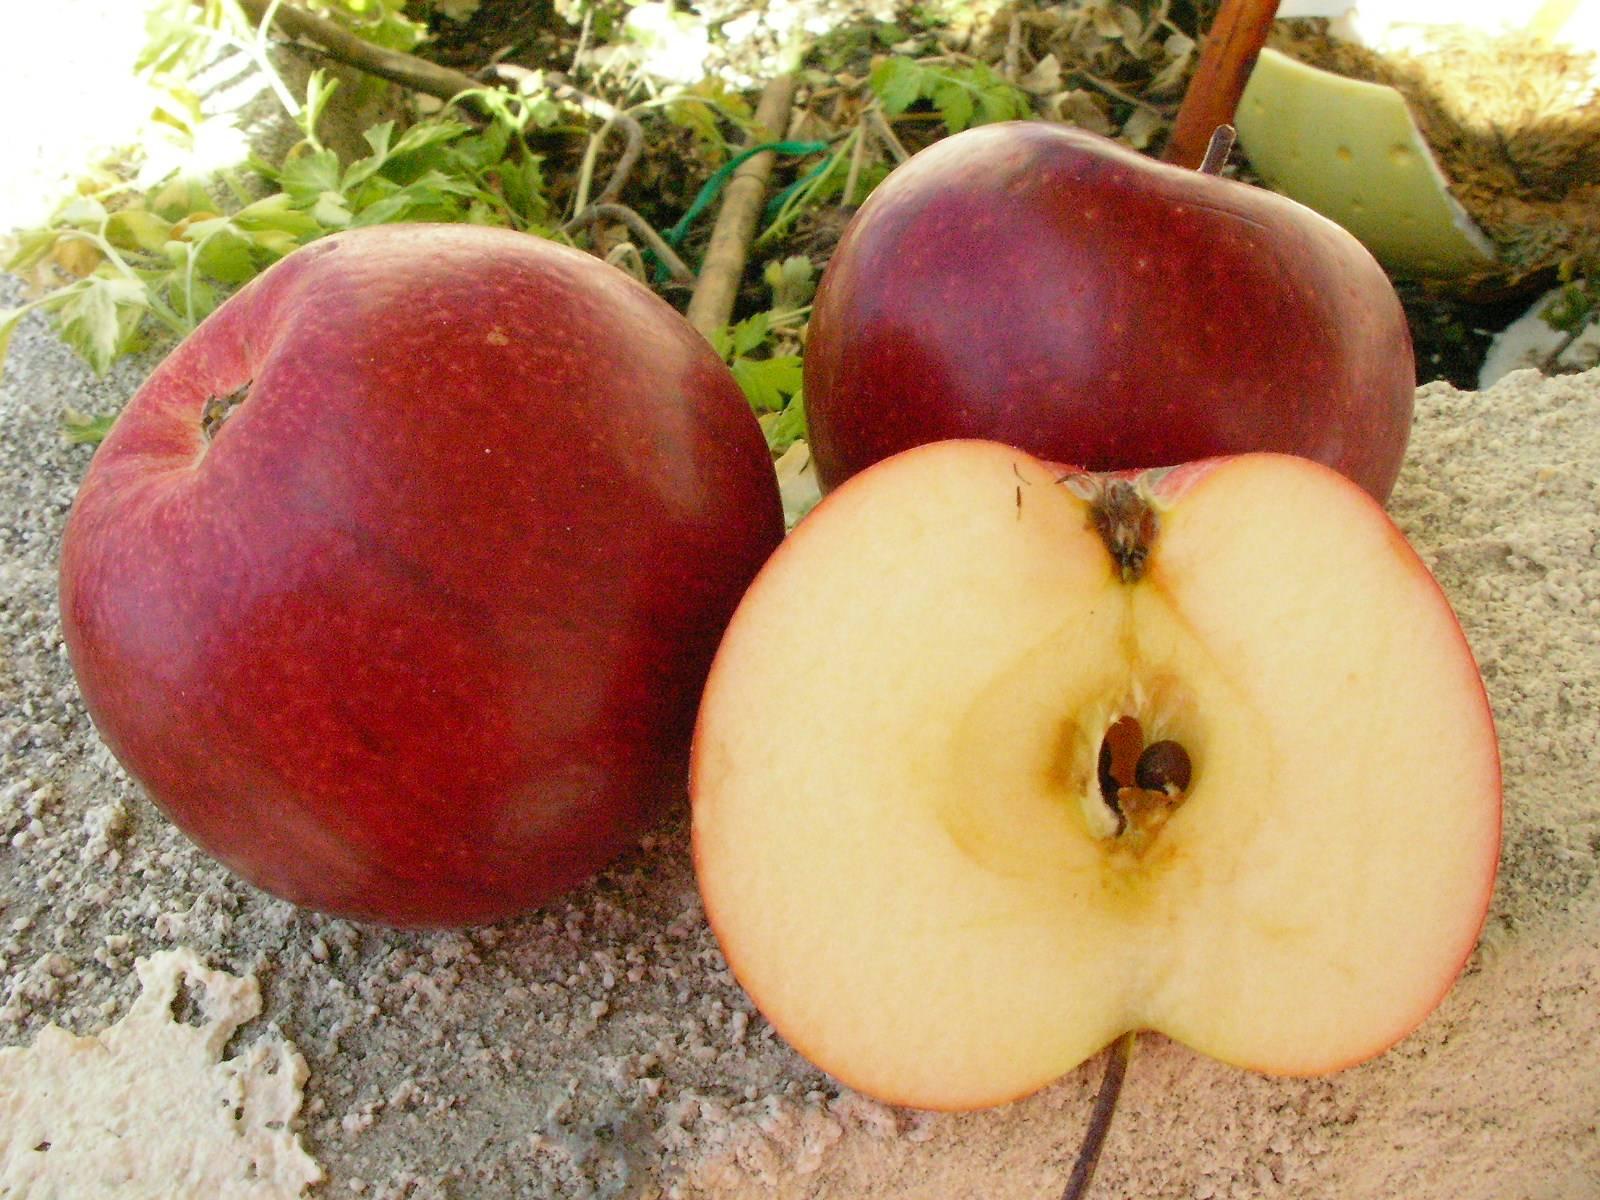 Lescrets fruits et pomologie les pommes the apples guide des pommes guide of apples 1930 - Variete pomme de terre rouge ...